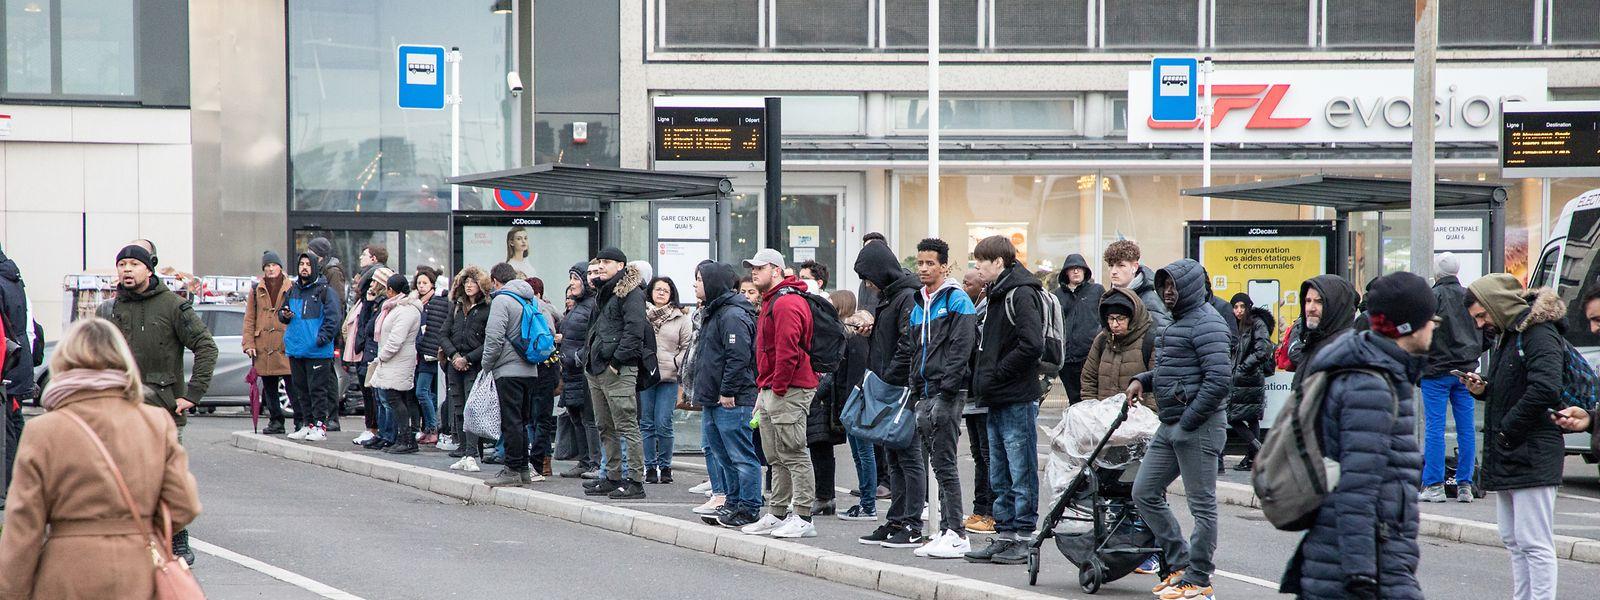 Das Luxemburger Tarifnetz galt bislang auch in einigen grenznahen Orten. Mit dem kostenlosen Nahverkehr ist diese Sonderregelung aber nun passé – das Gratis-Angebot endet an der Grenze.